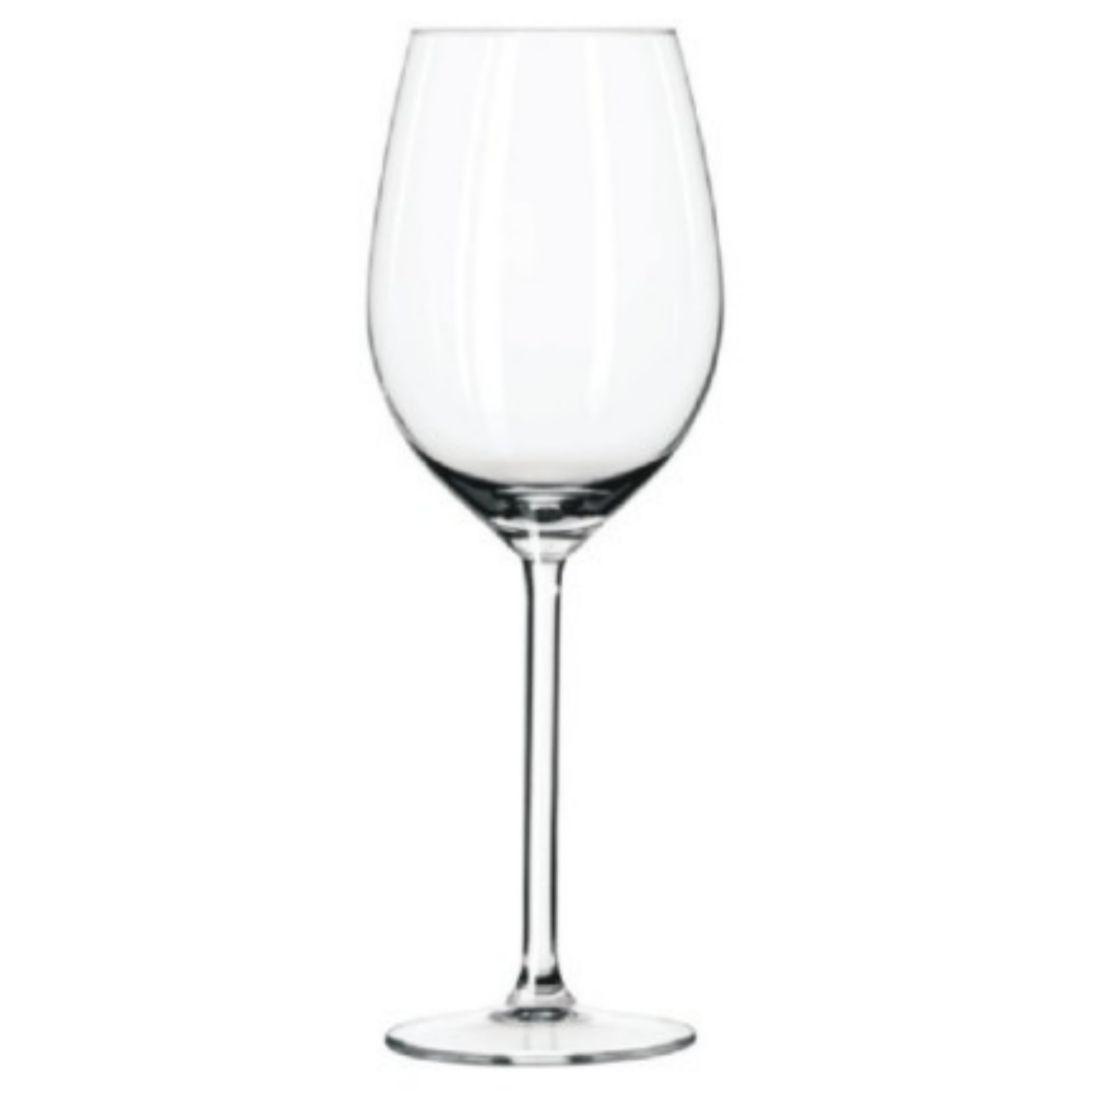 Allure víno 53 cl, sklenička na víno